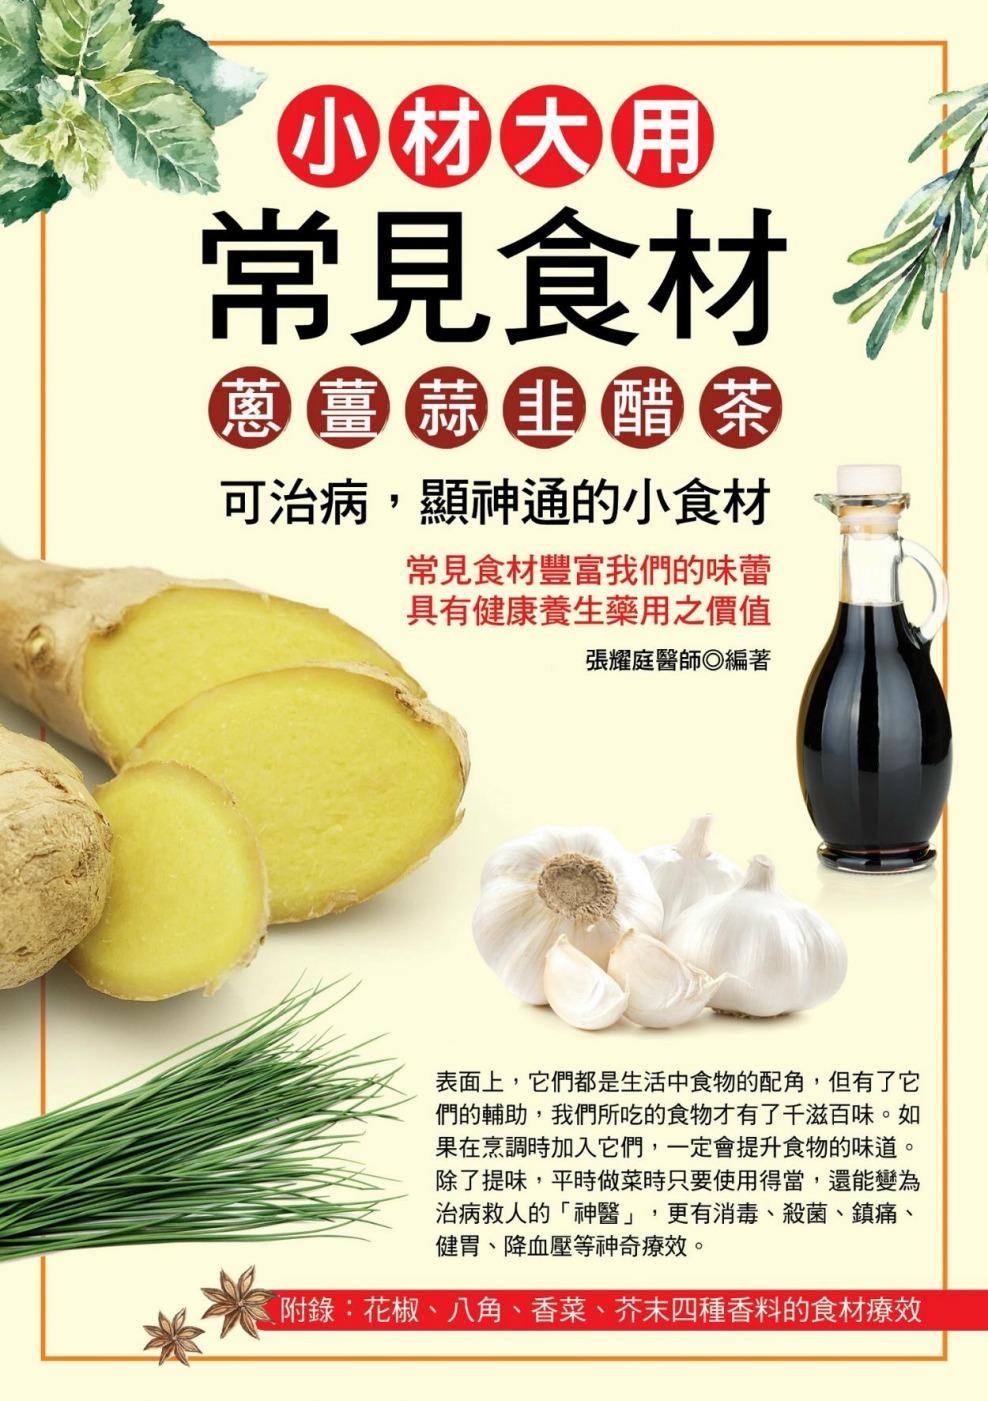 小材大用常見食材:蔥、薑、蒜、韭、醋、茶